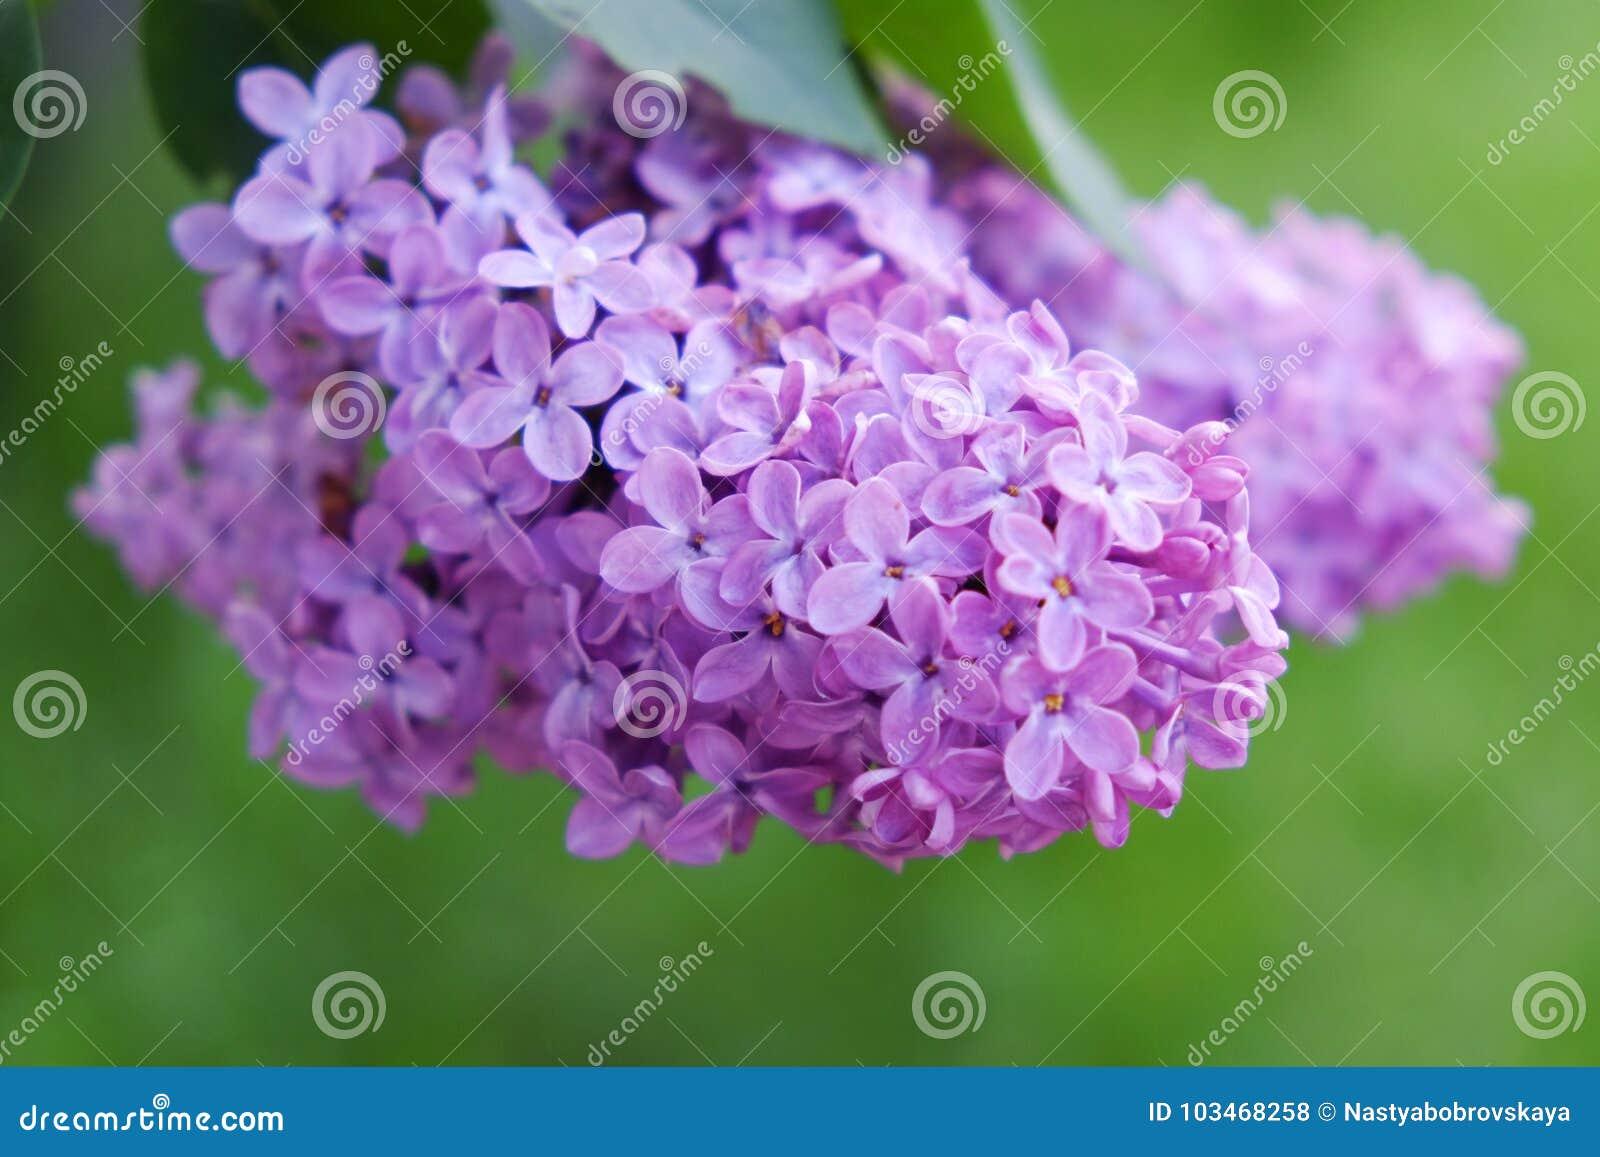 Den purpurfärgade lilan blommar utomhus i solen